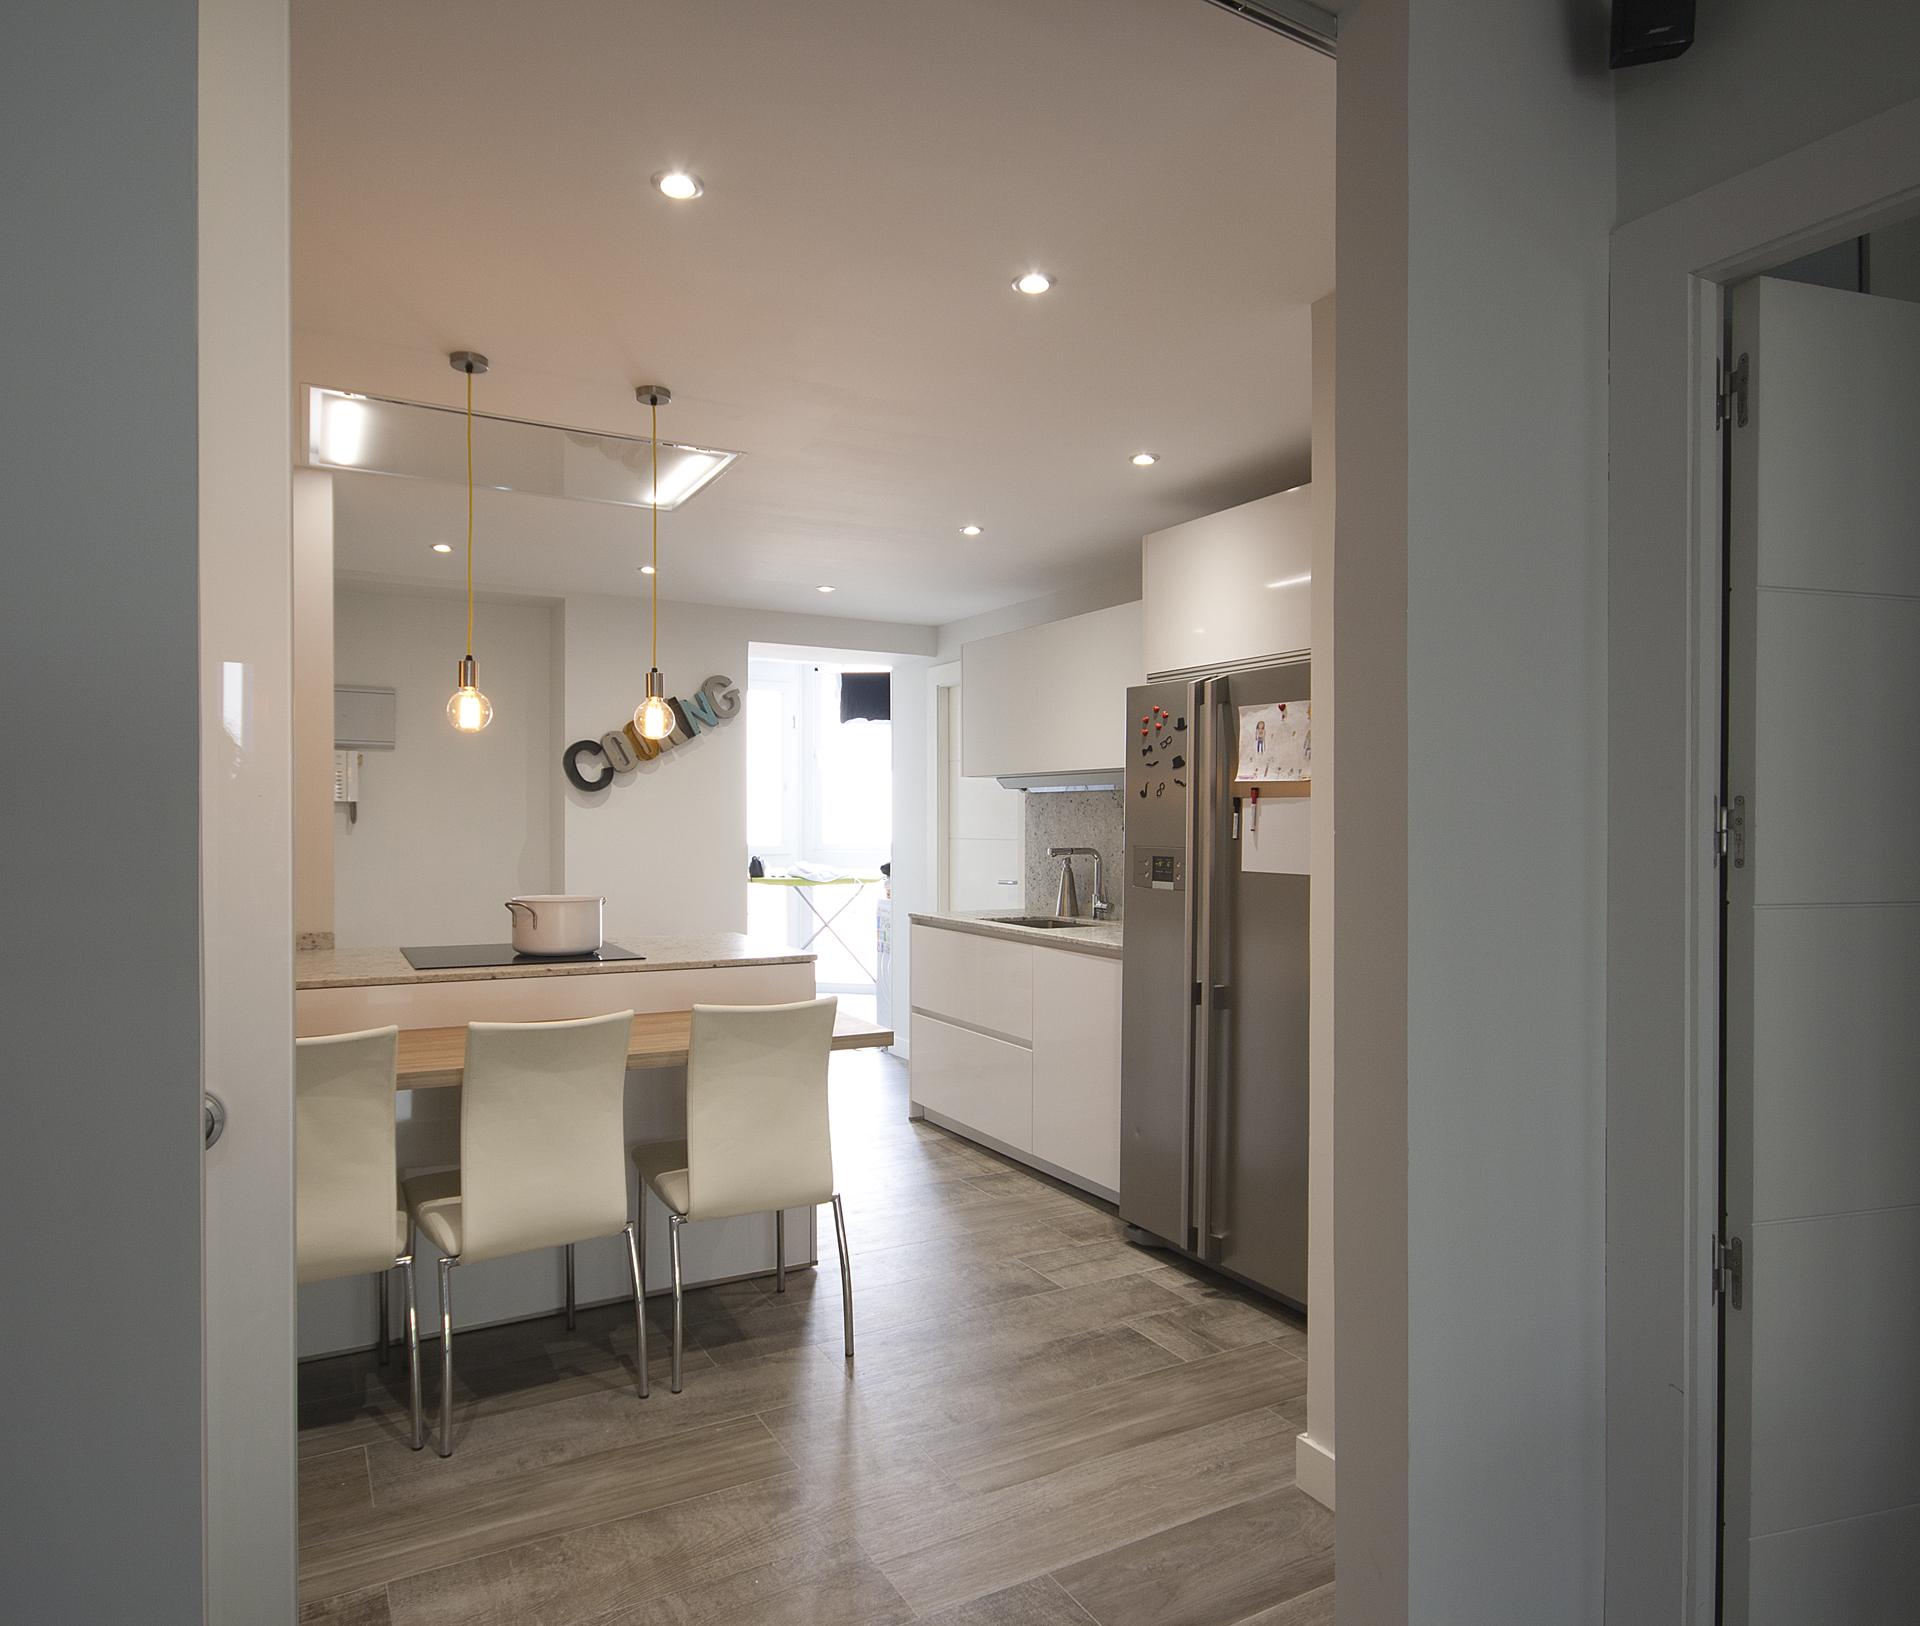 Puertas abiertas la pen nsula como soluci n en una cocina abierta en zona de paso - La cocina sana de isasaweis ...